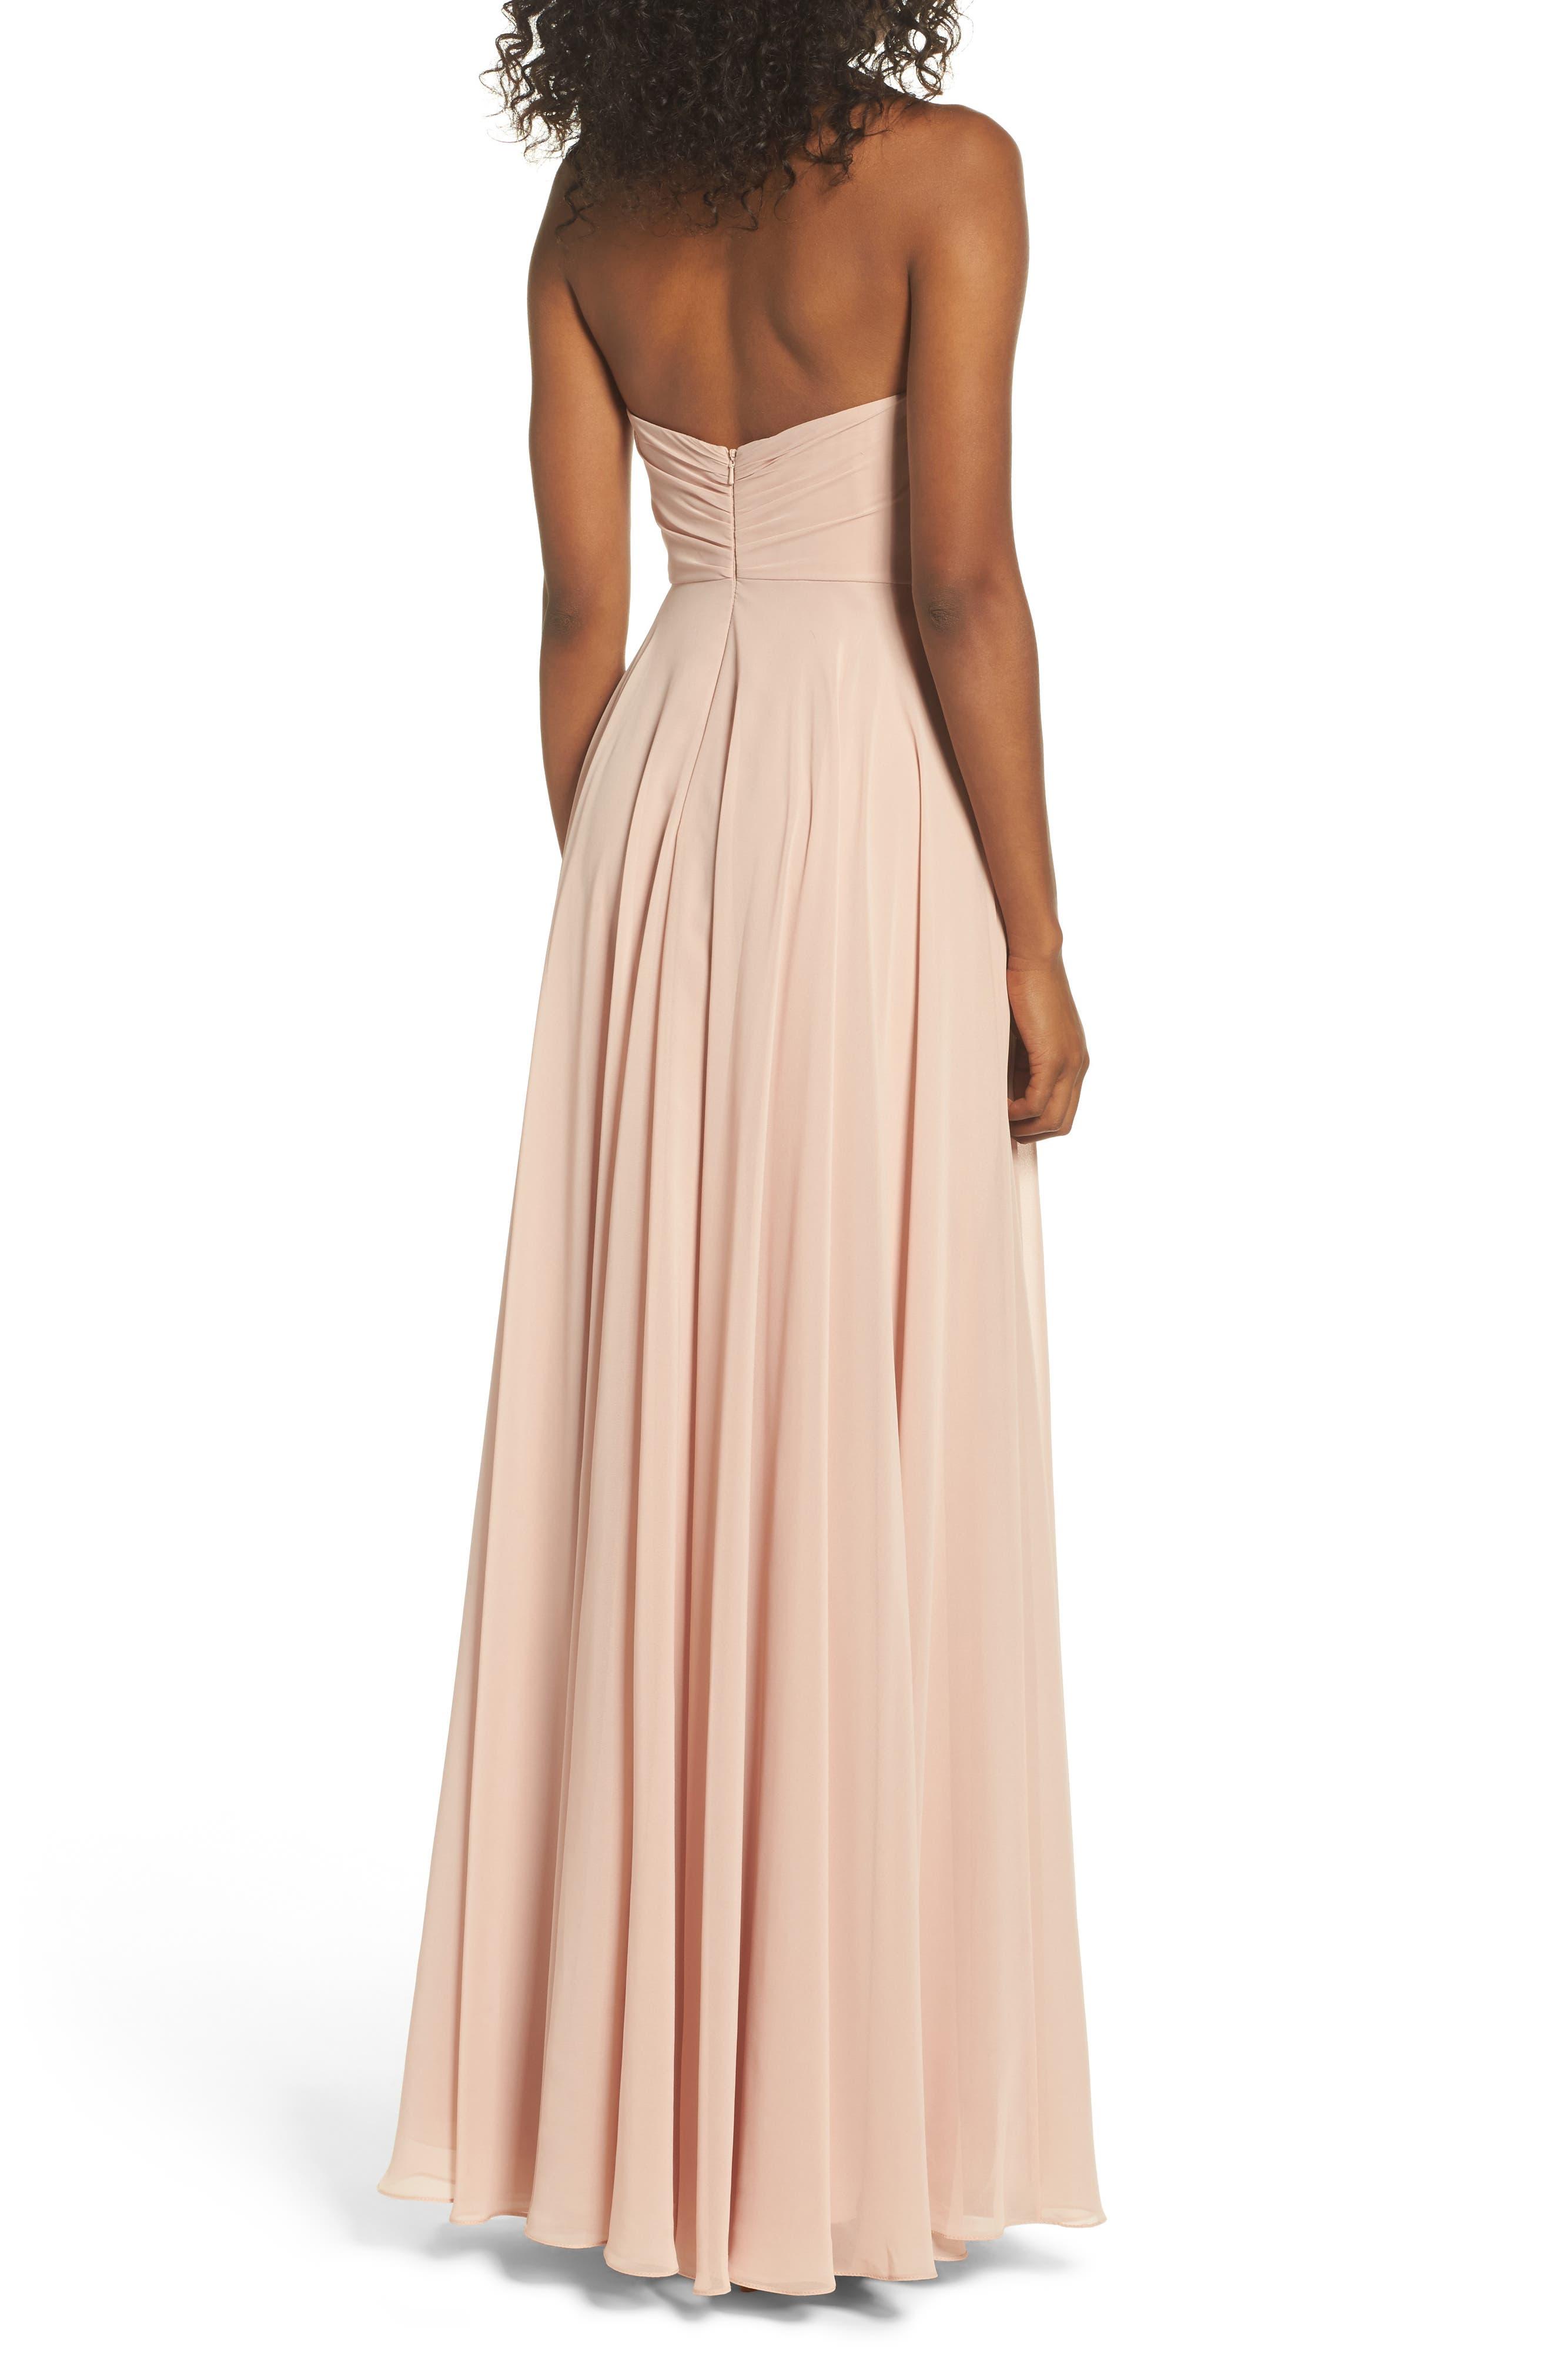 Adeline Strapless Chiffon Gown,                             Alternate thumbnail 2, color,                             DESERT ROSE